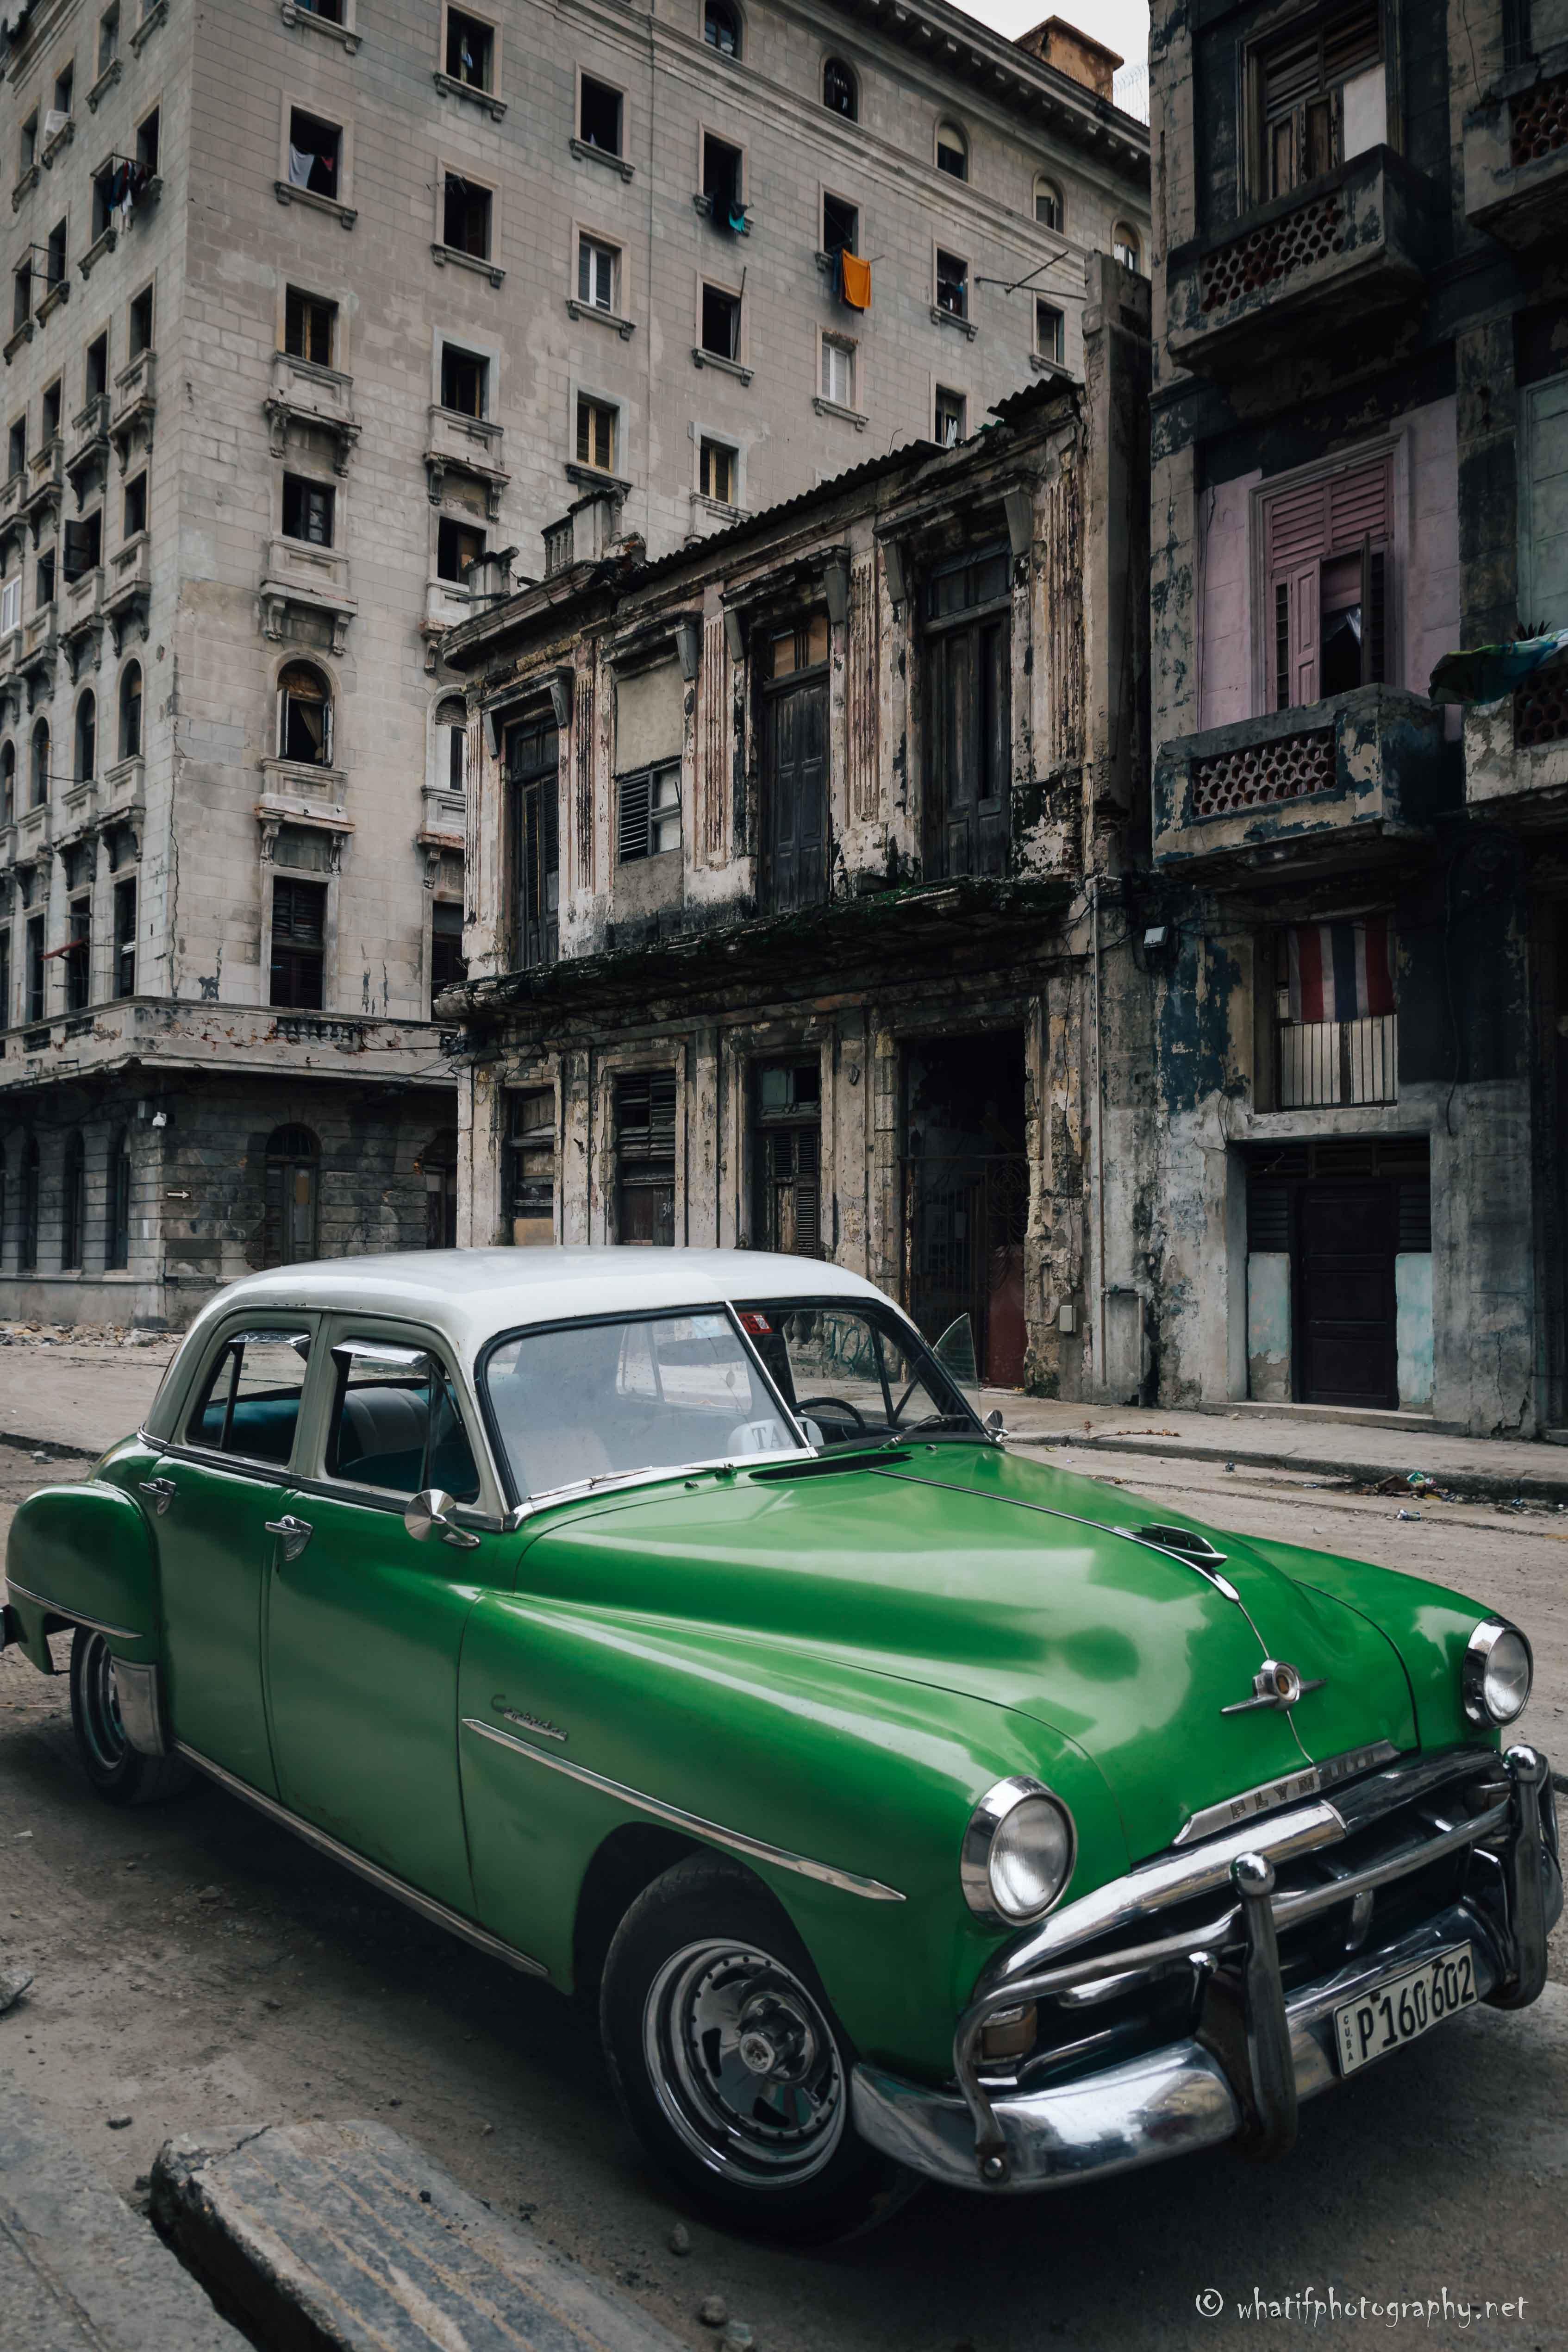 Old cuban taxi car